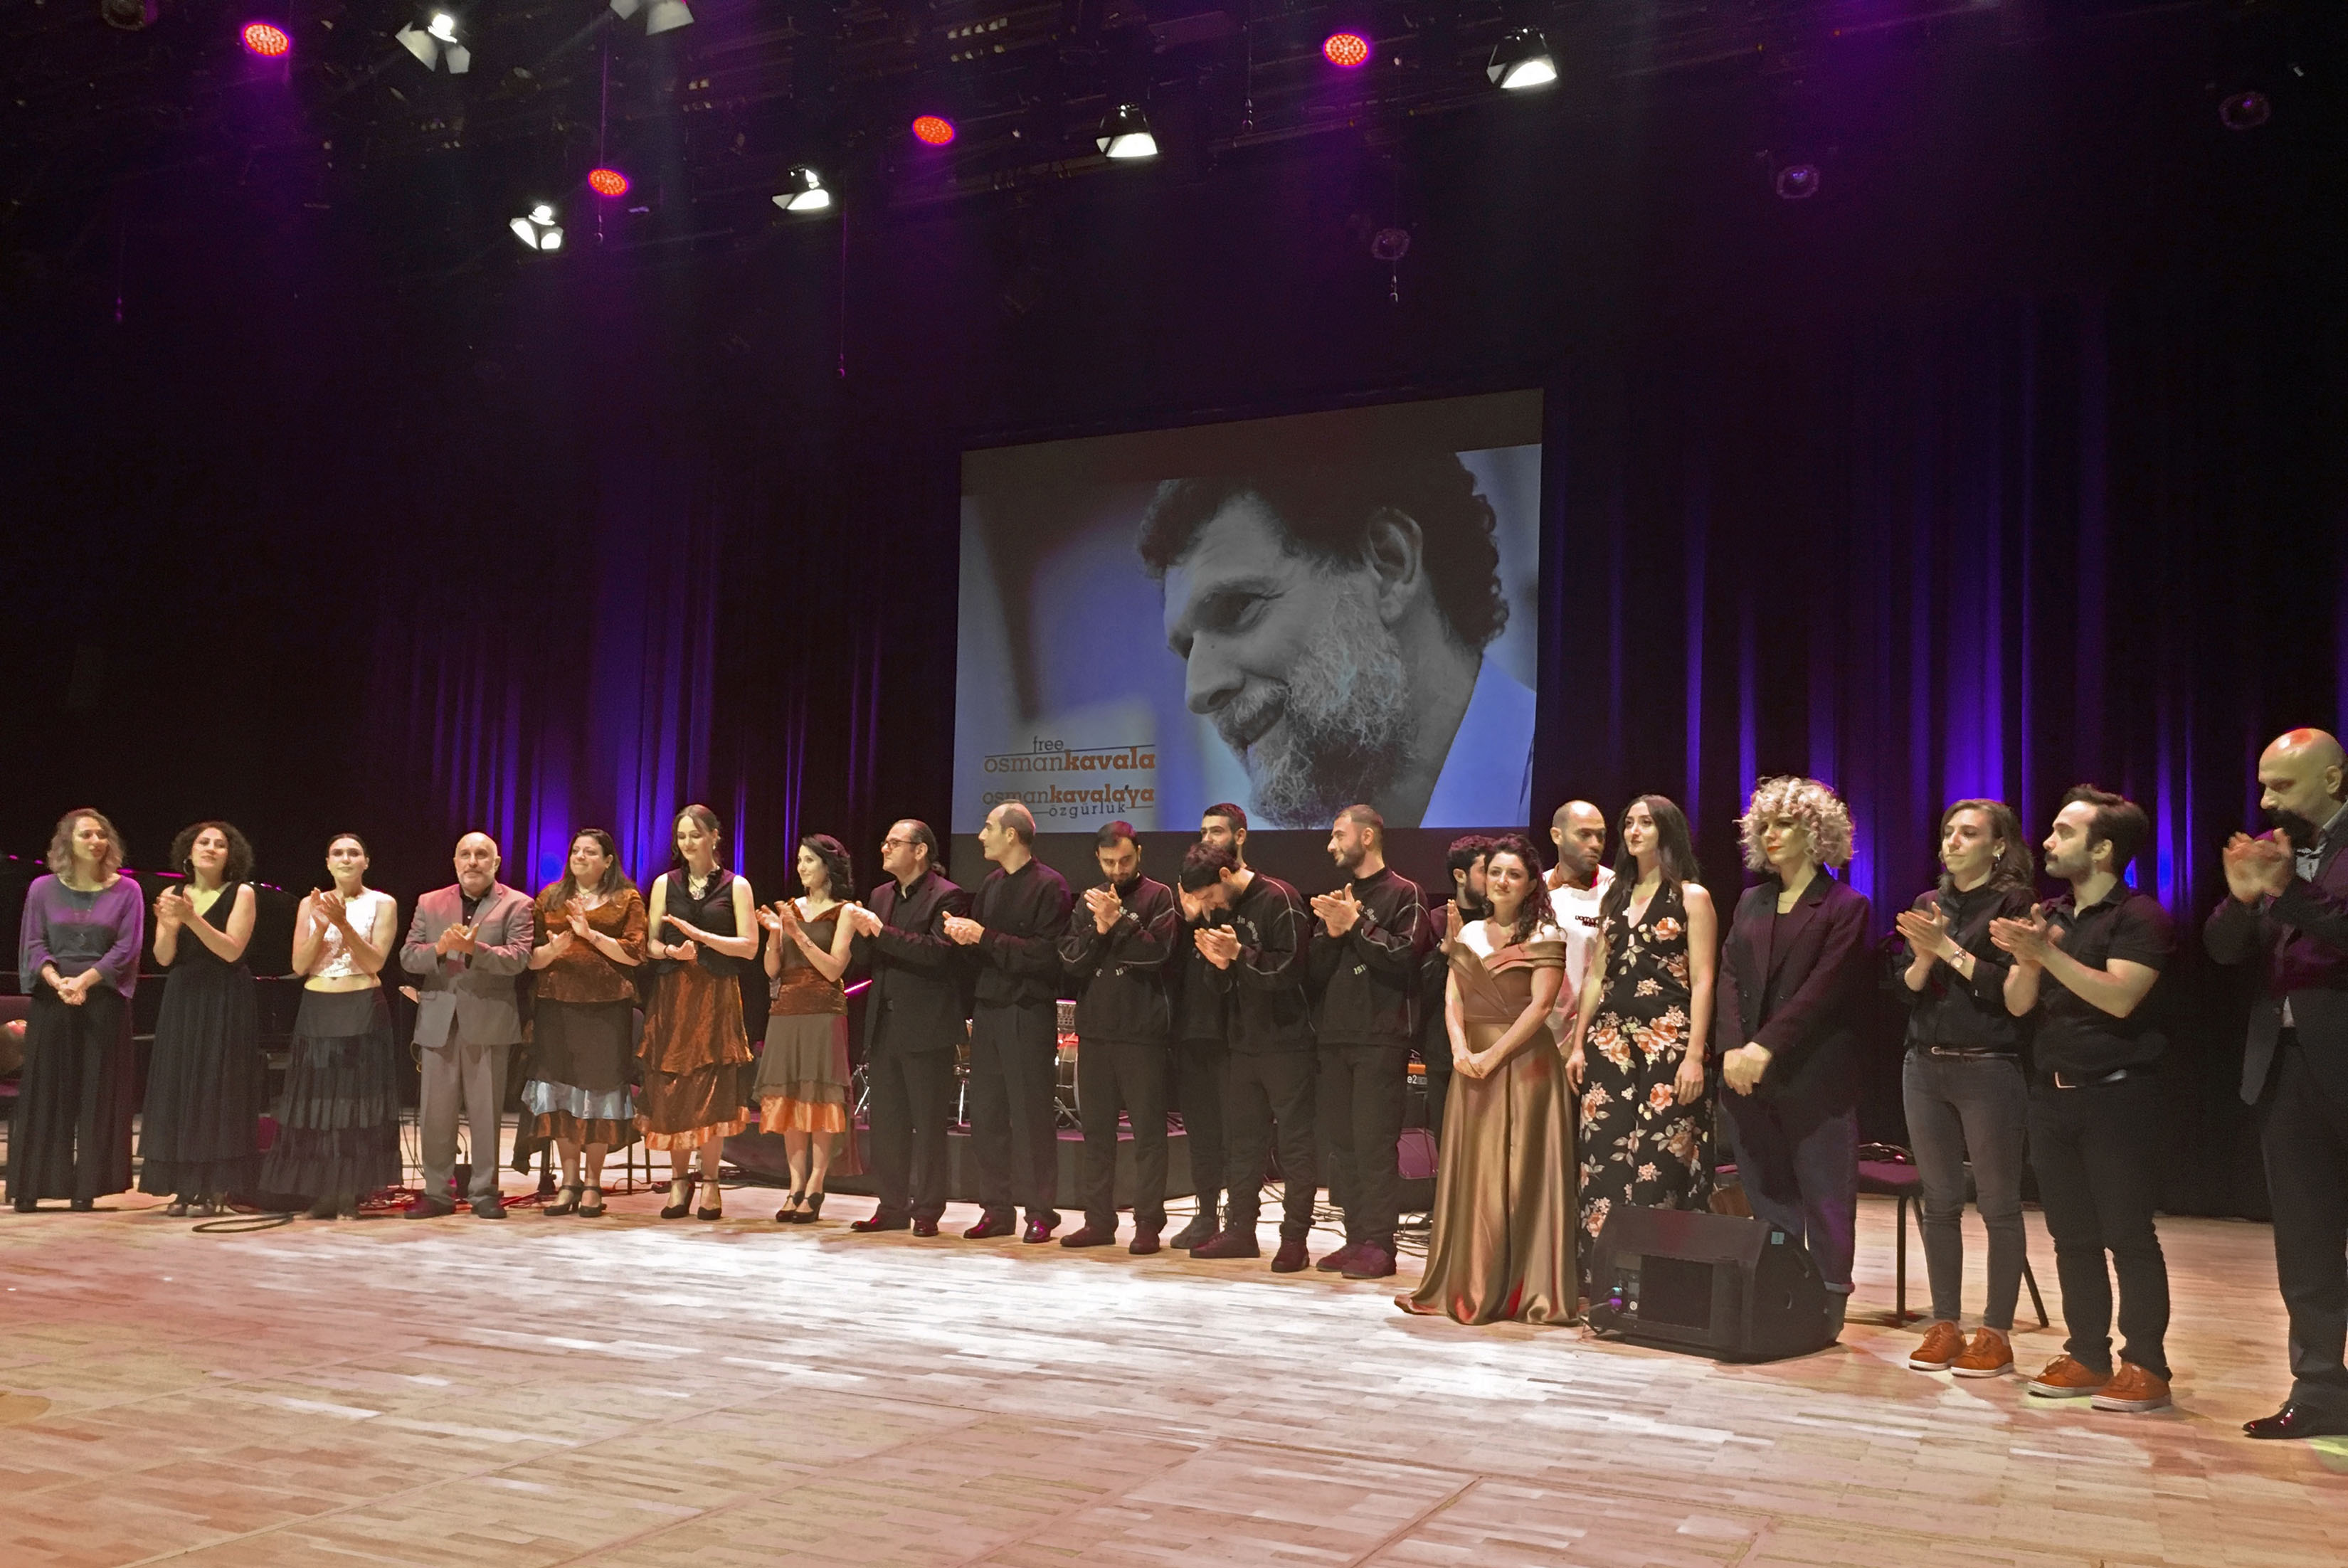 Konsert i samband med 150 årsdagen av den armeniska kompositören Gomidas på Cemal Reşit Rey konserthall i Istanbul.